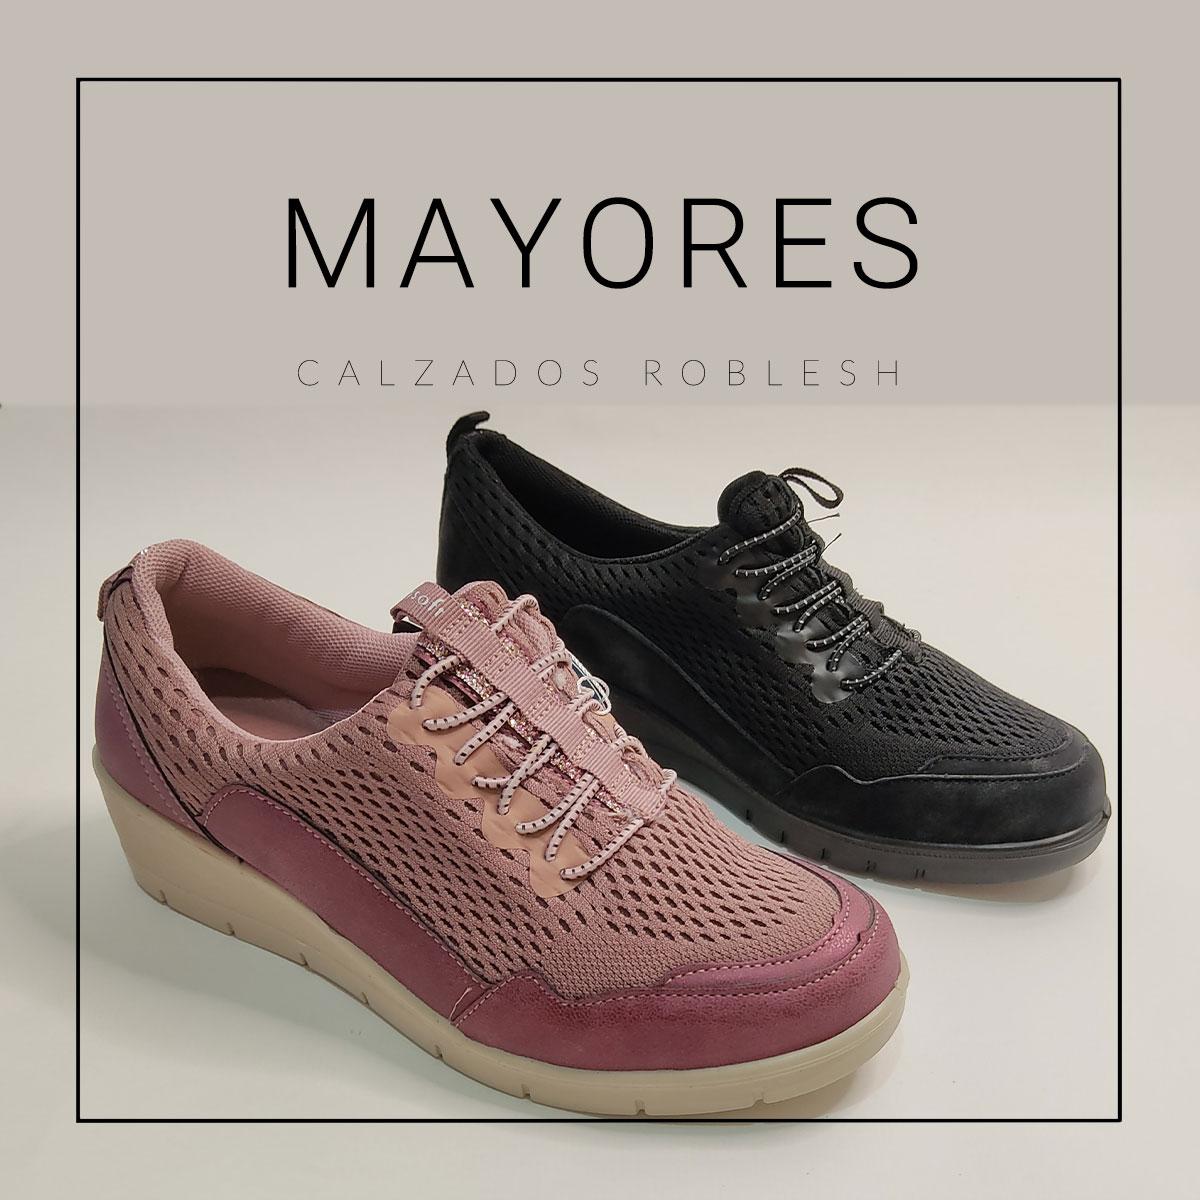 Zapatos para mayores, comodidad y calidad online en Calzados Roblesh